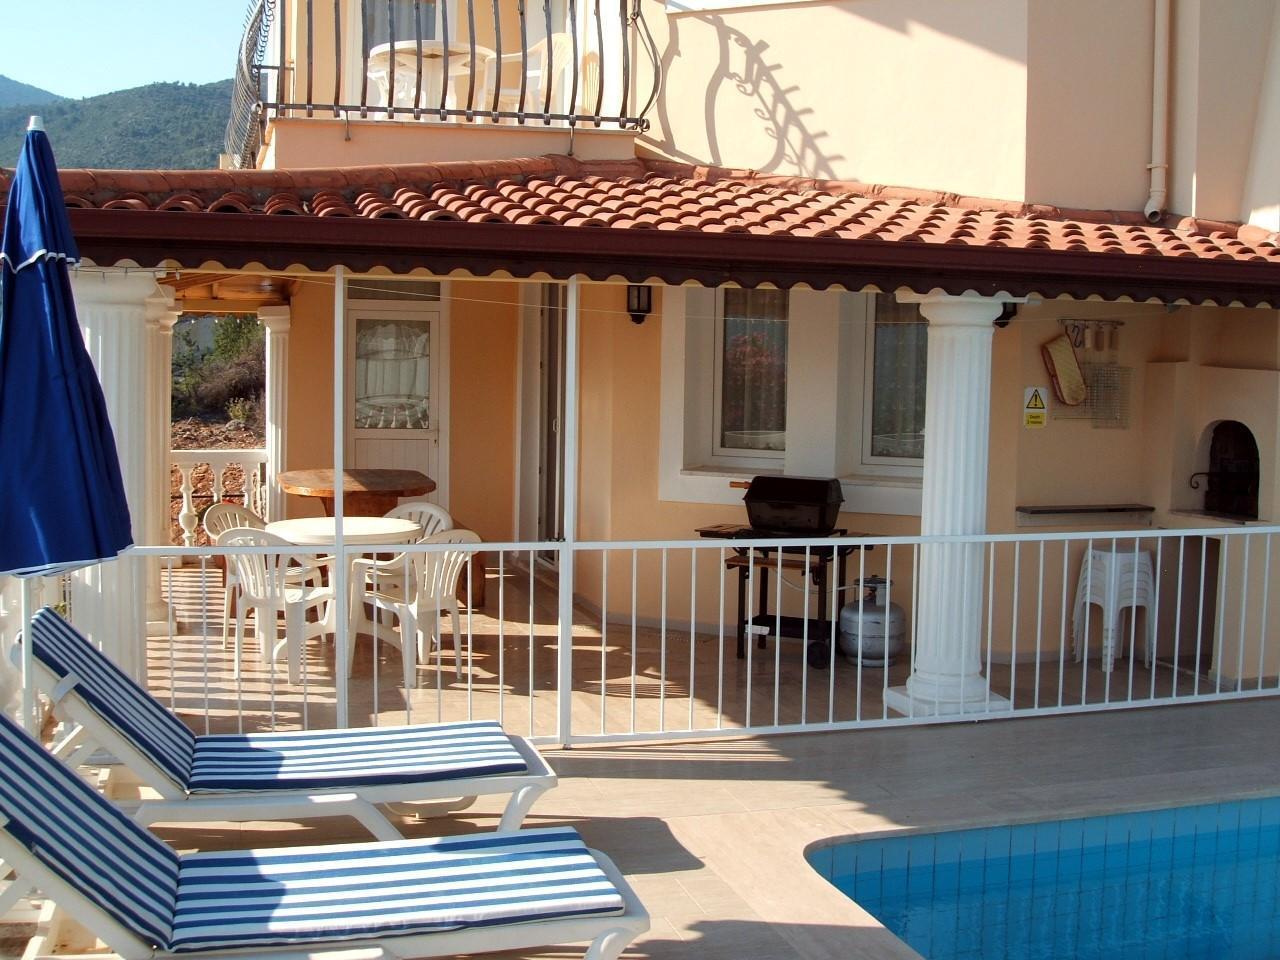 Ferienhaus Vacation Villa Kadyanda + Gym (364958), Fethiye, , Ägäisregion, Türkei, Bild 22